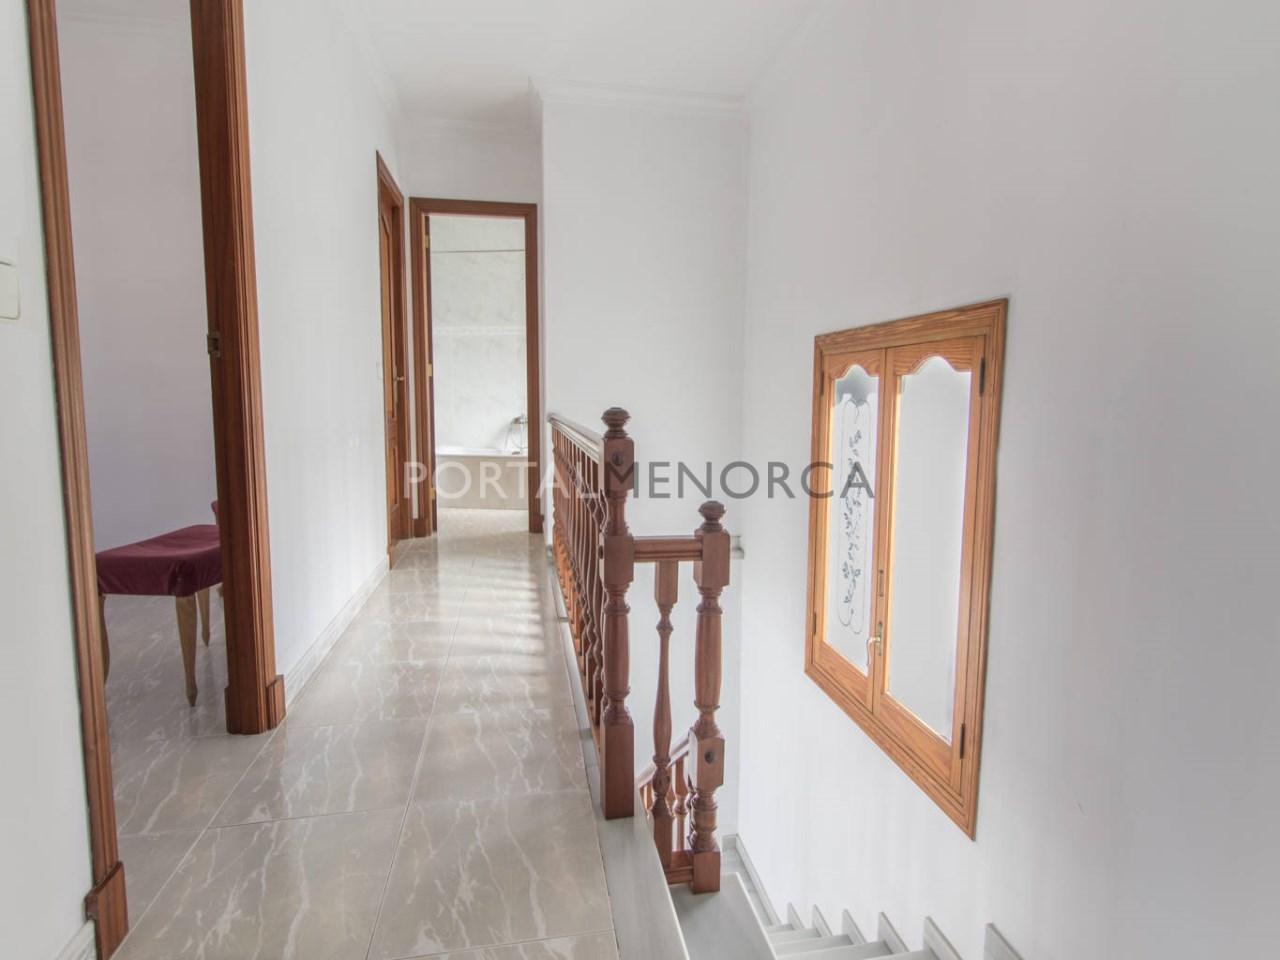 Casa en venta en Alaior (19)